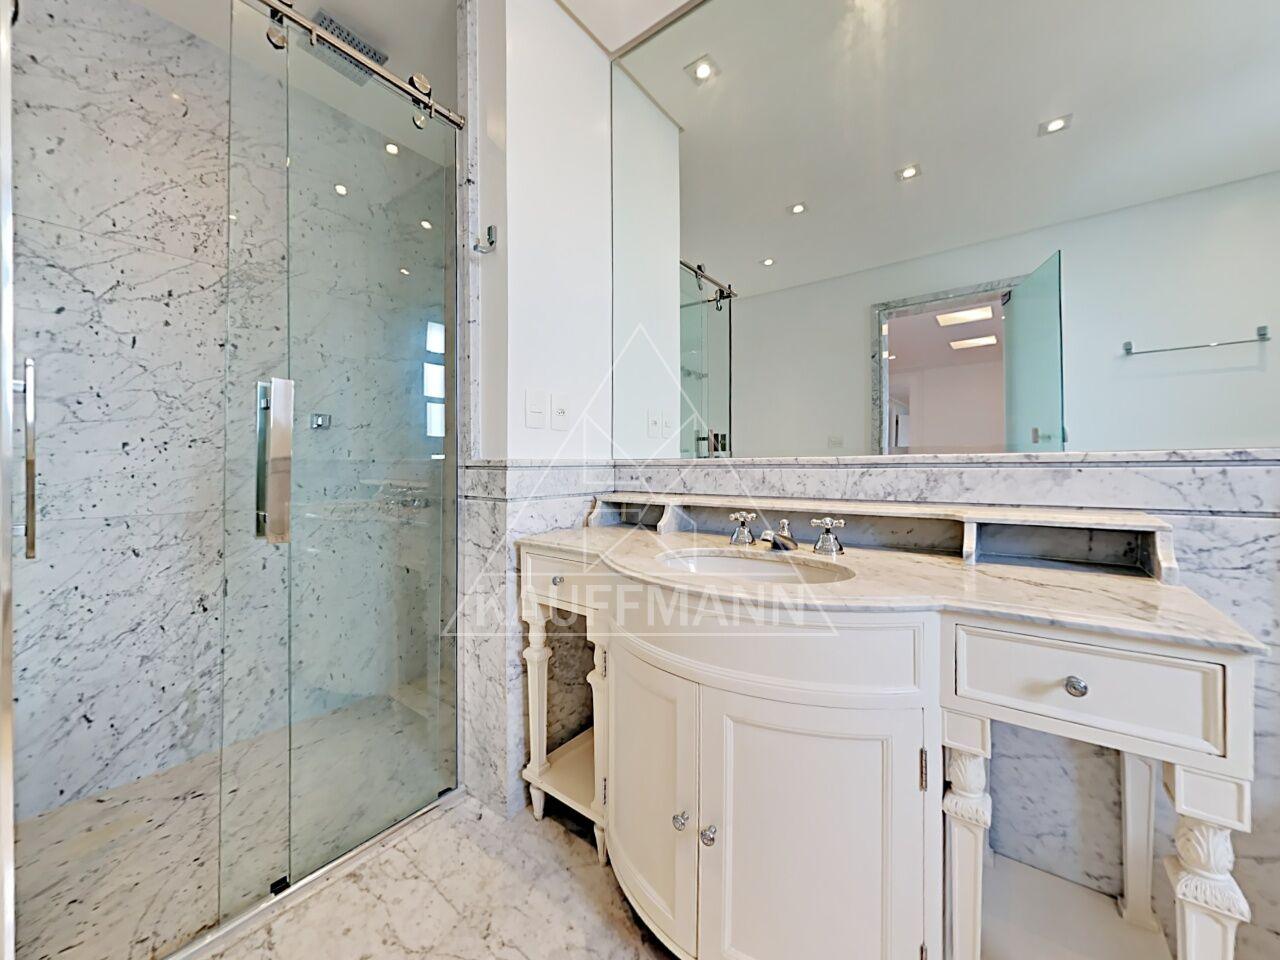 apartamento-venda-sao-paulo-jardim-america-regency-6dormitorios-6suites-7vagas-1099m2-Foto12